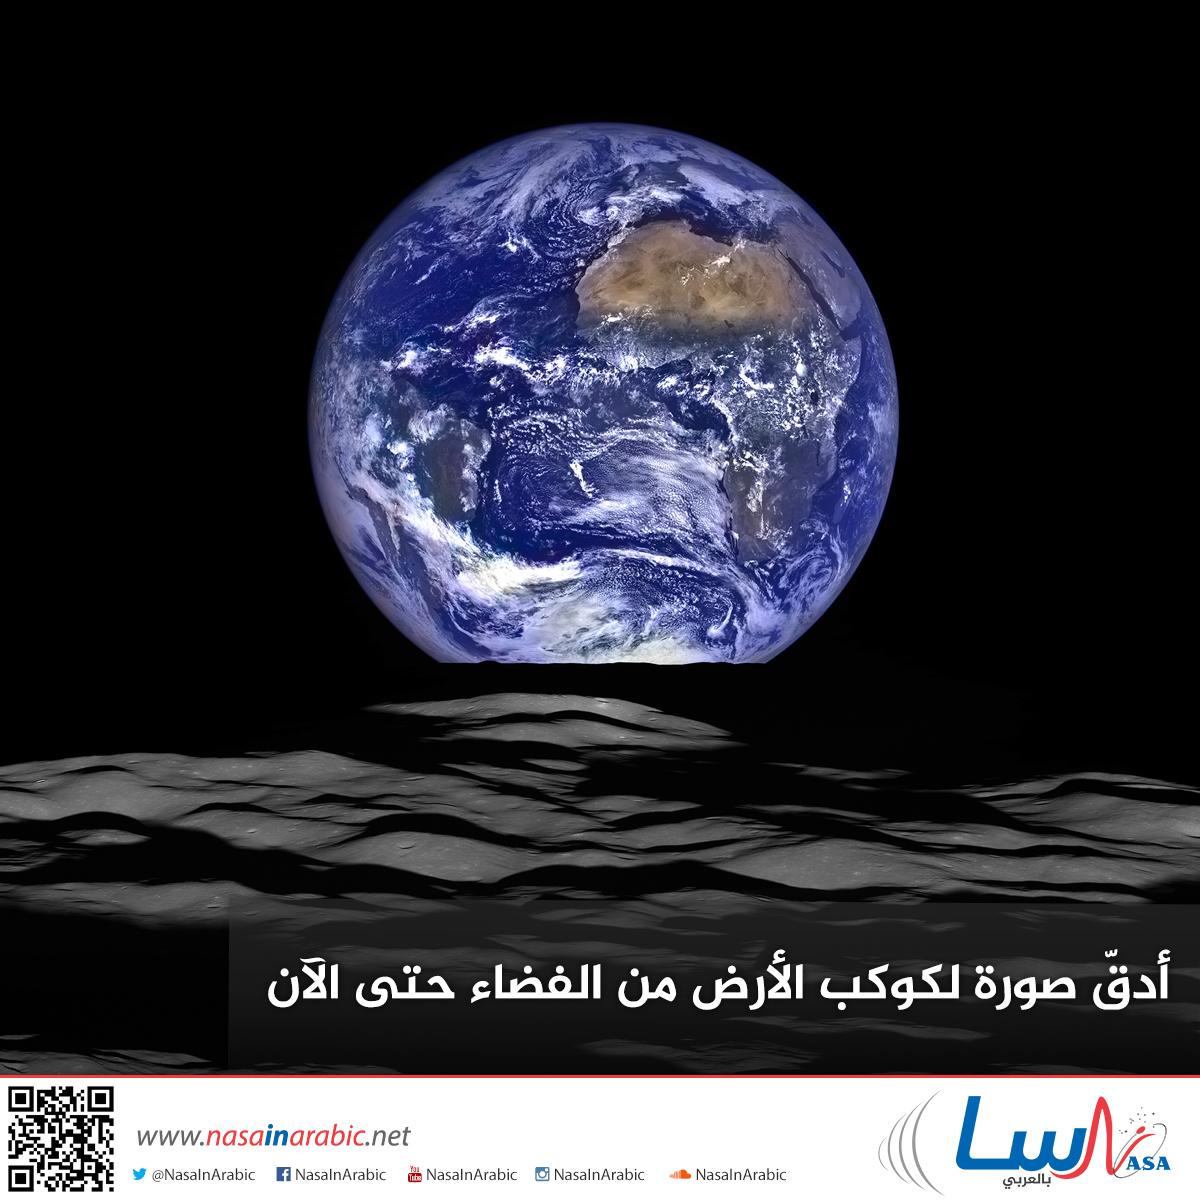 أدقّ صورة لكوكب الأرض من الفضاء حتى الآن